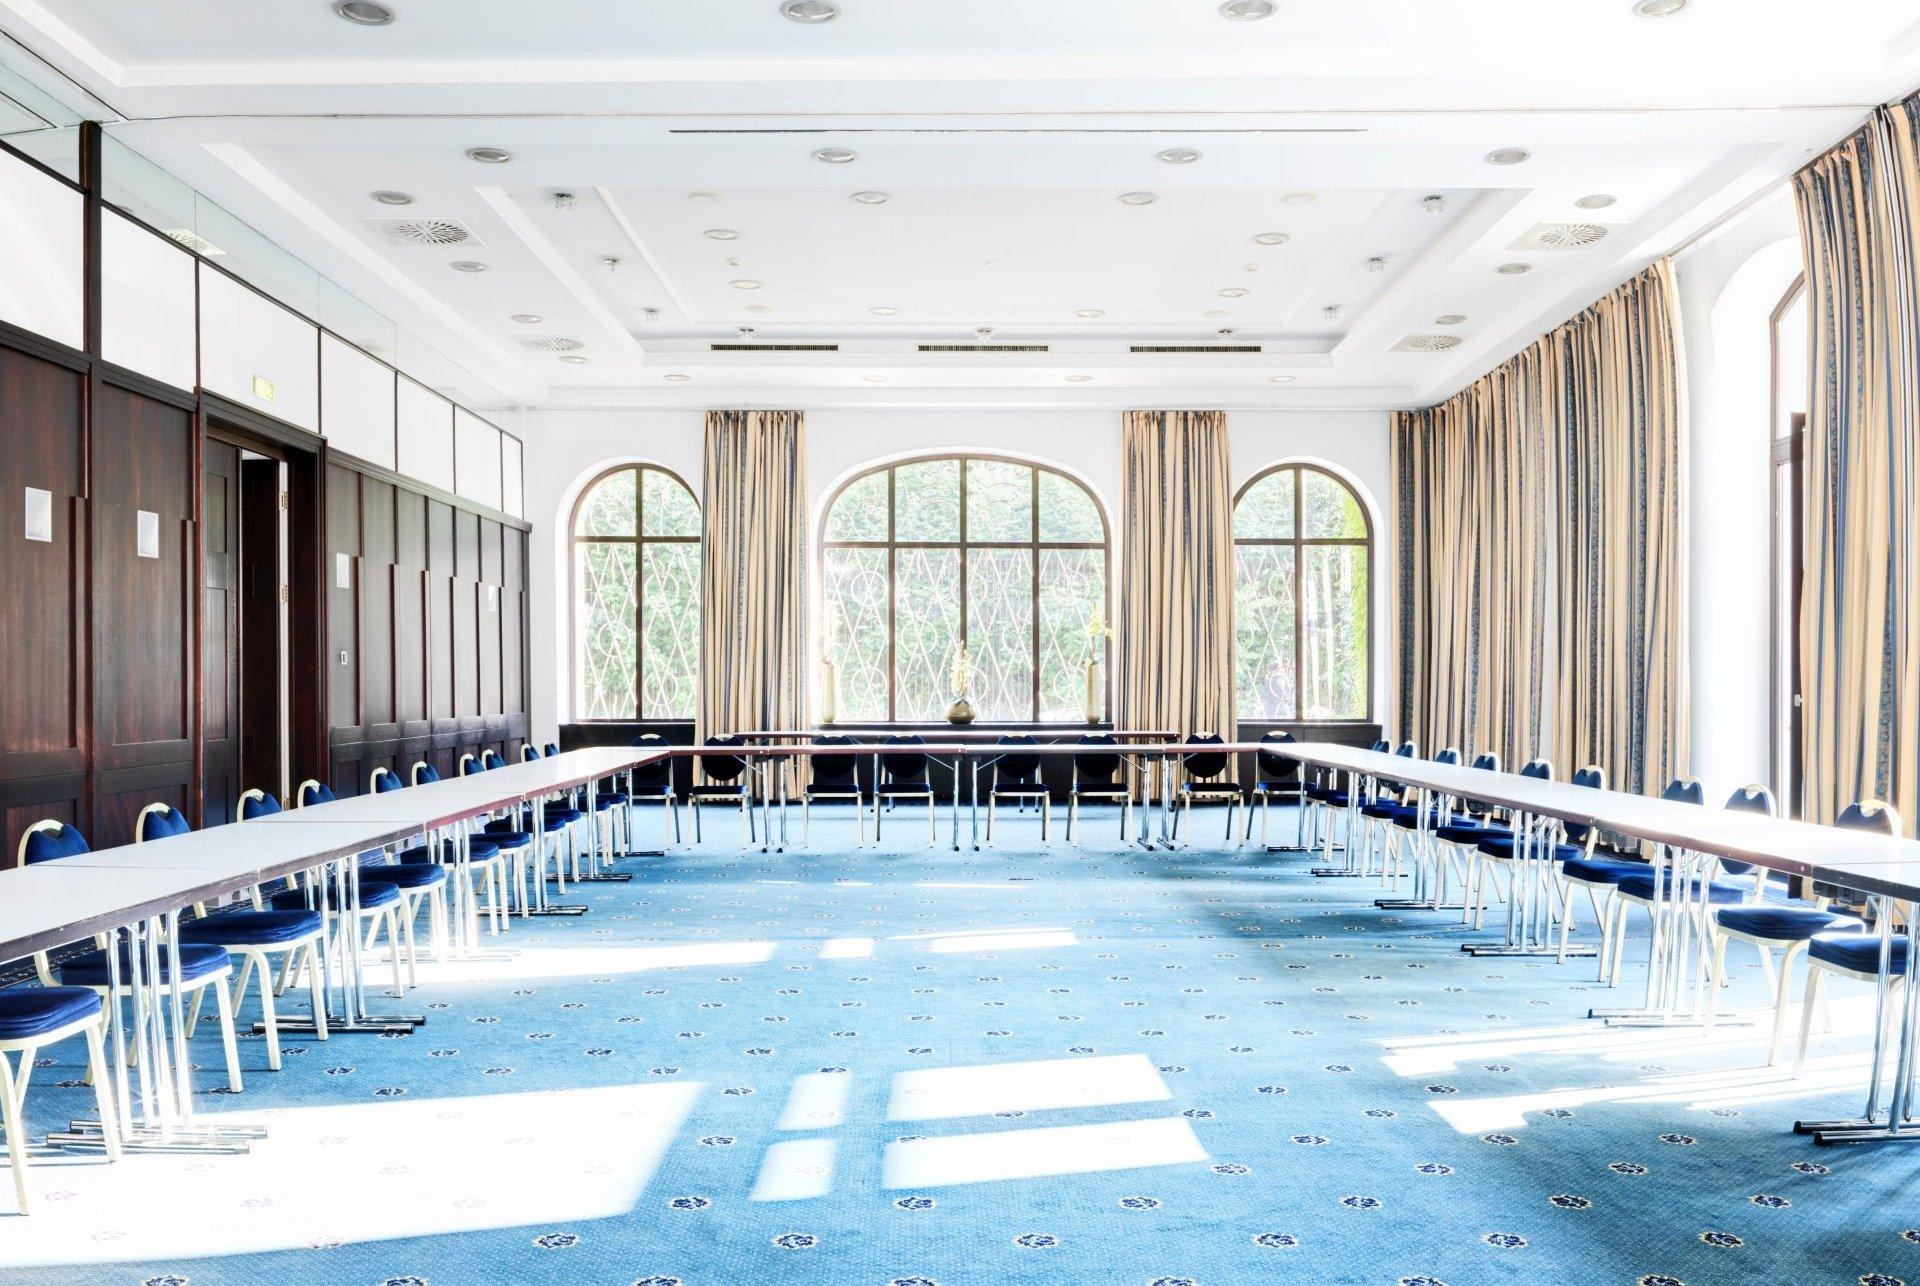 Ansprechpartner - Beste Auswahl an Hotels